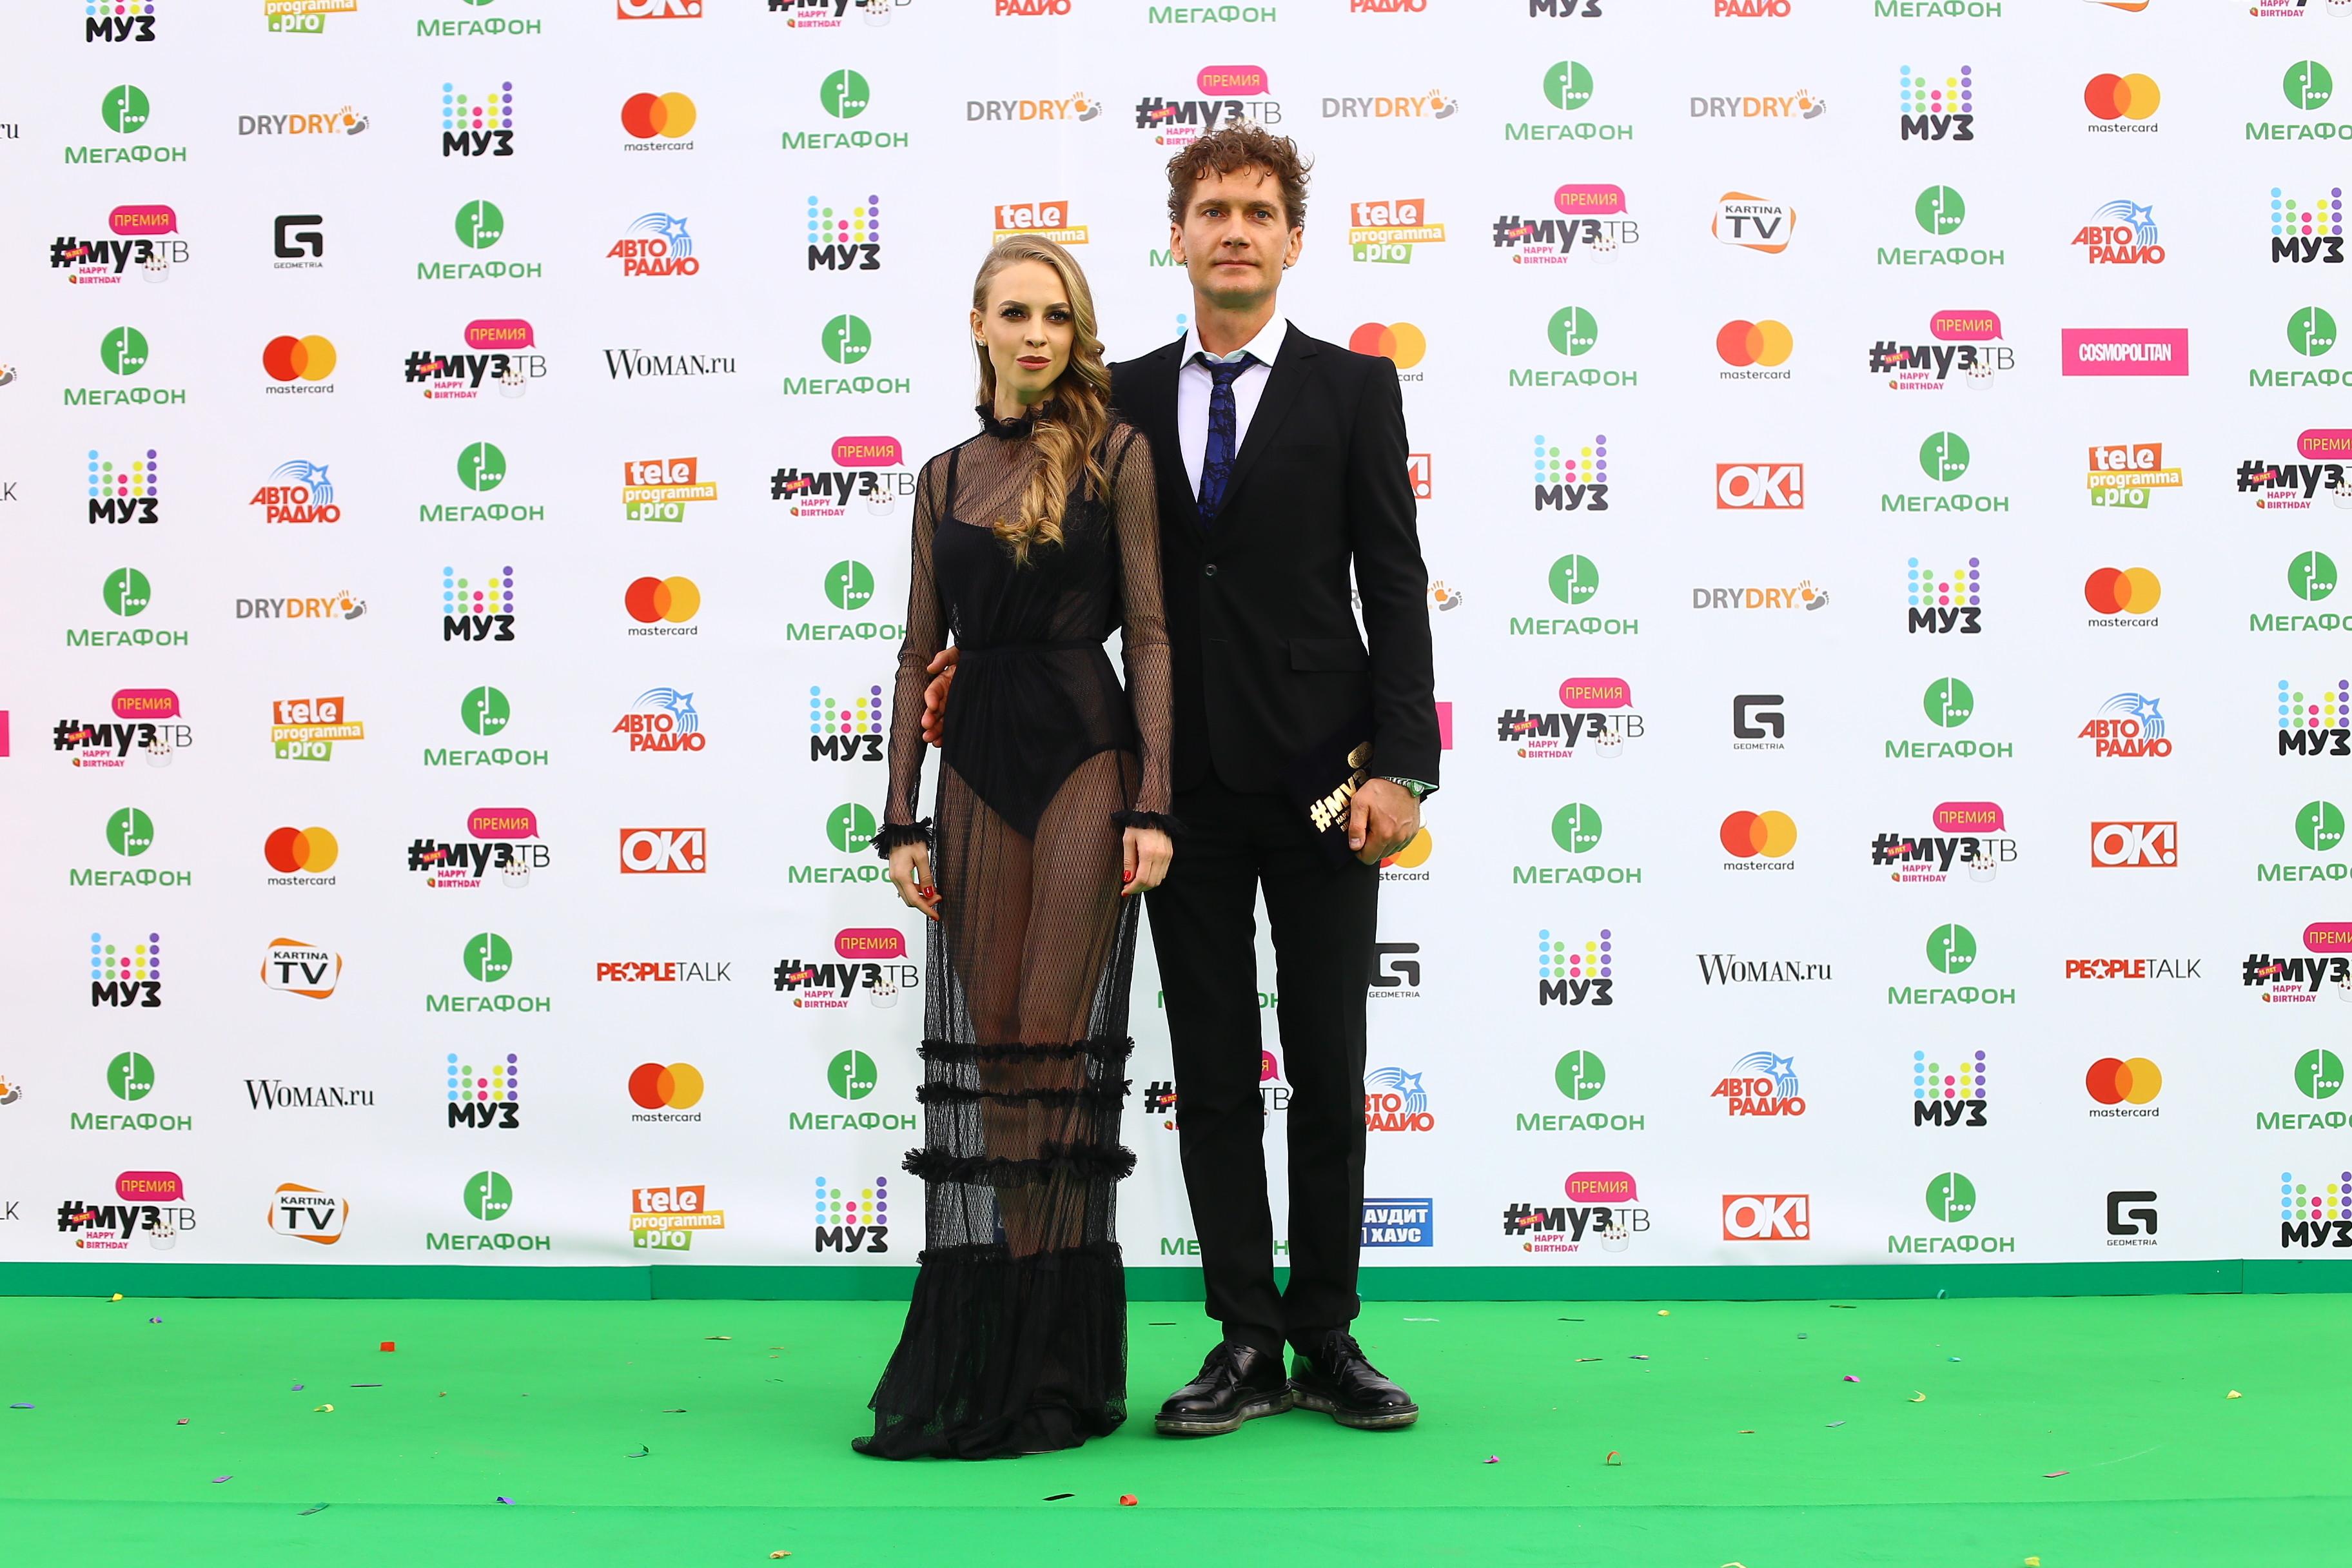 Надежда Сысоева и Илья Бачурин Фото: Пресс-служба Муз-ТВ